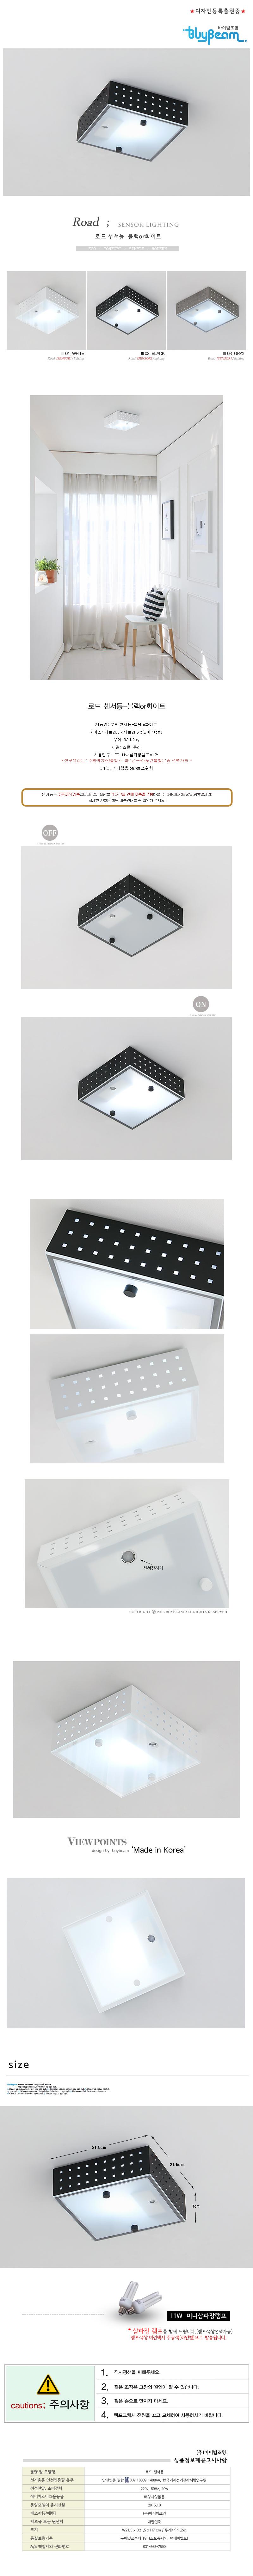 로드 센서등-블랙or화이트 - 바이빔, 44,000원, 포인트조명, 센서조명